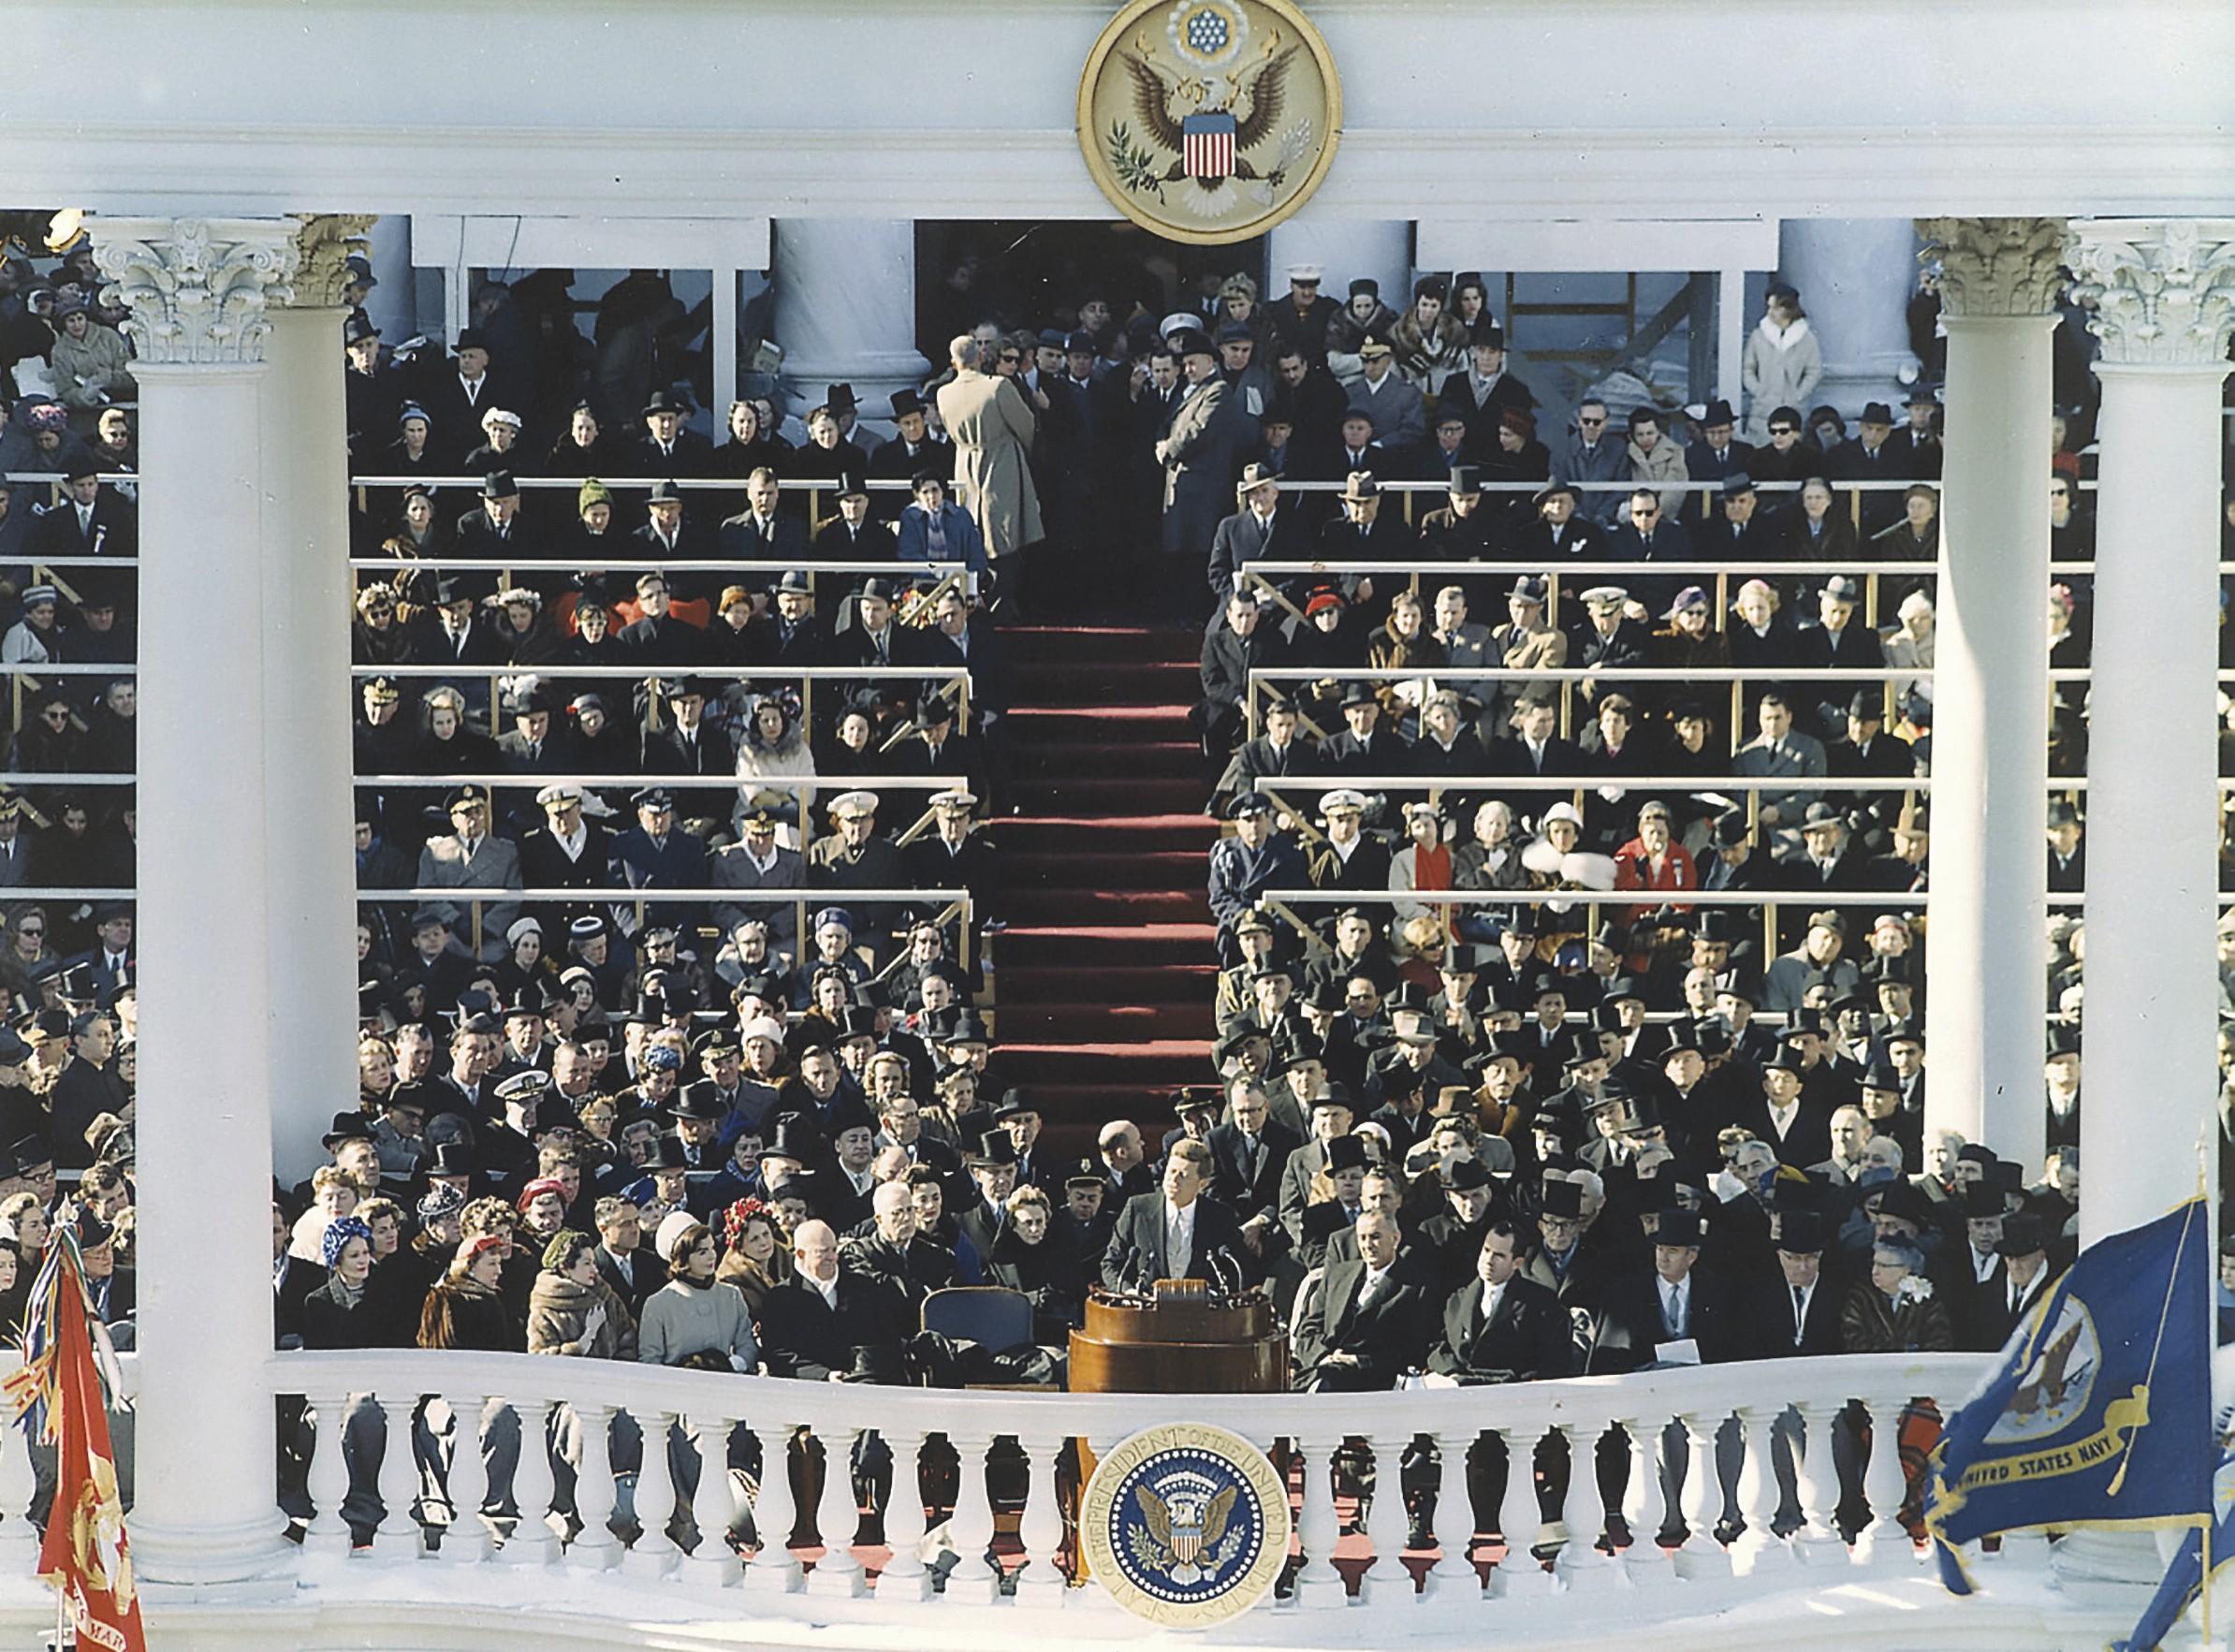 Discours inaugural du président John F. Kennedy, le 20 janvier 1961 à Washington D.C.